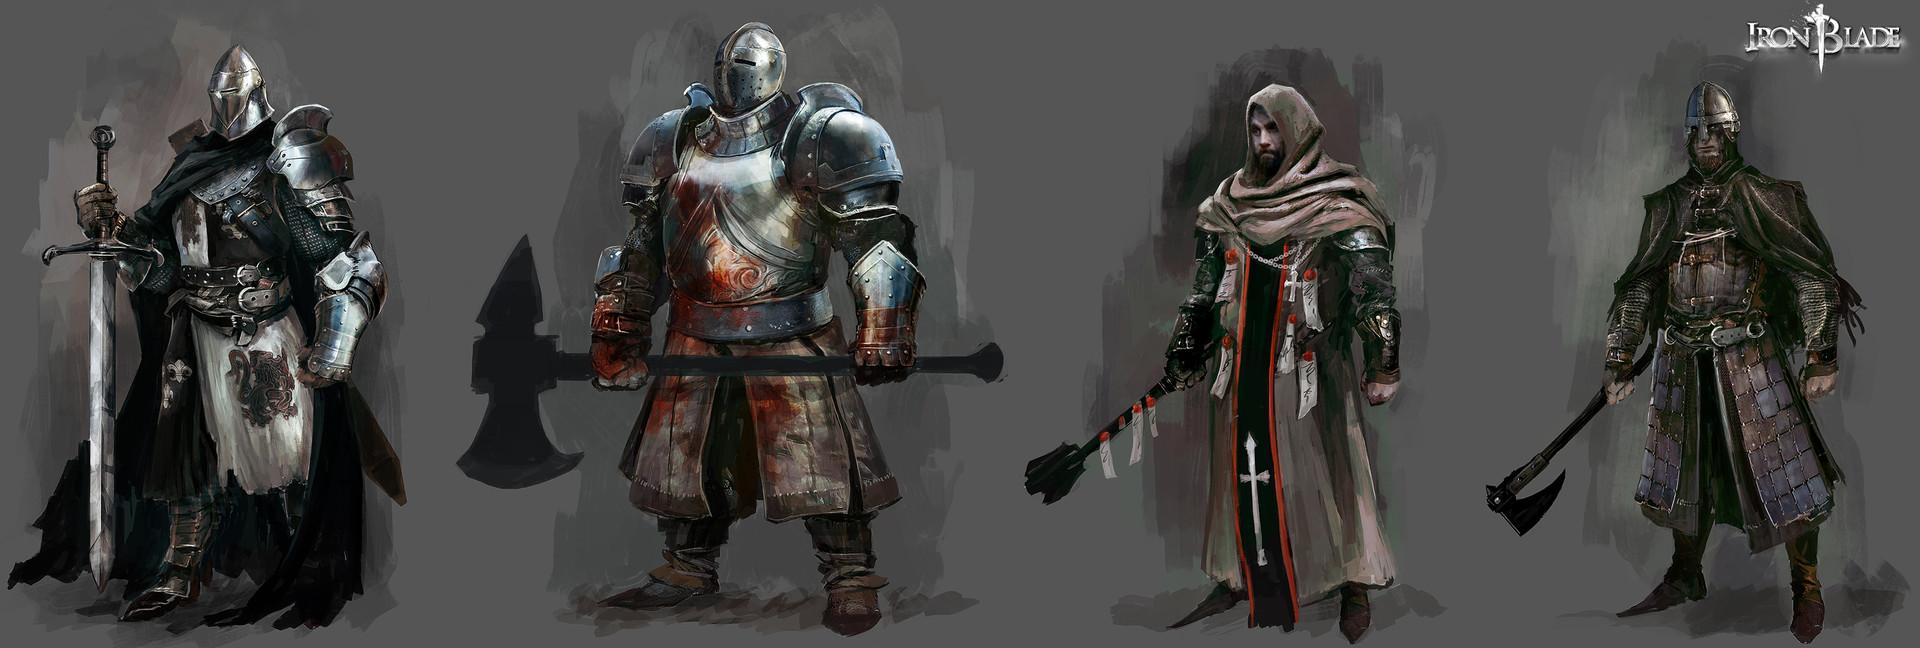 Alexandre chaudret gca characters ennemies 03